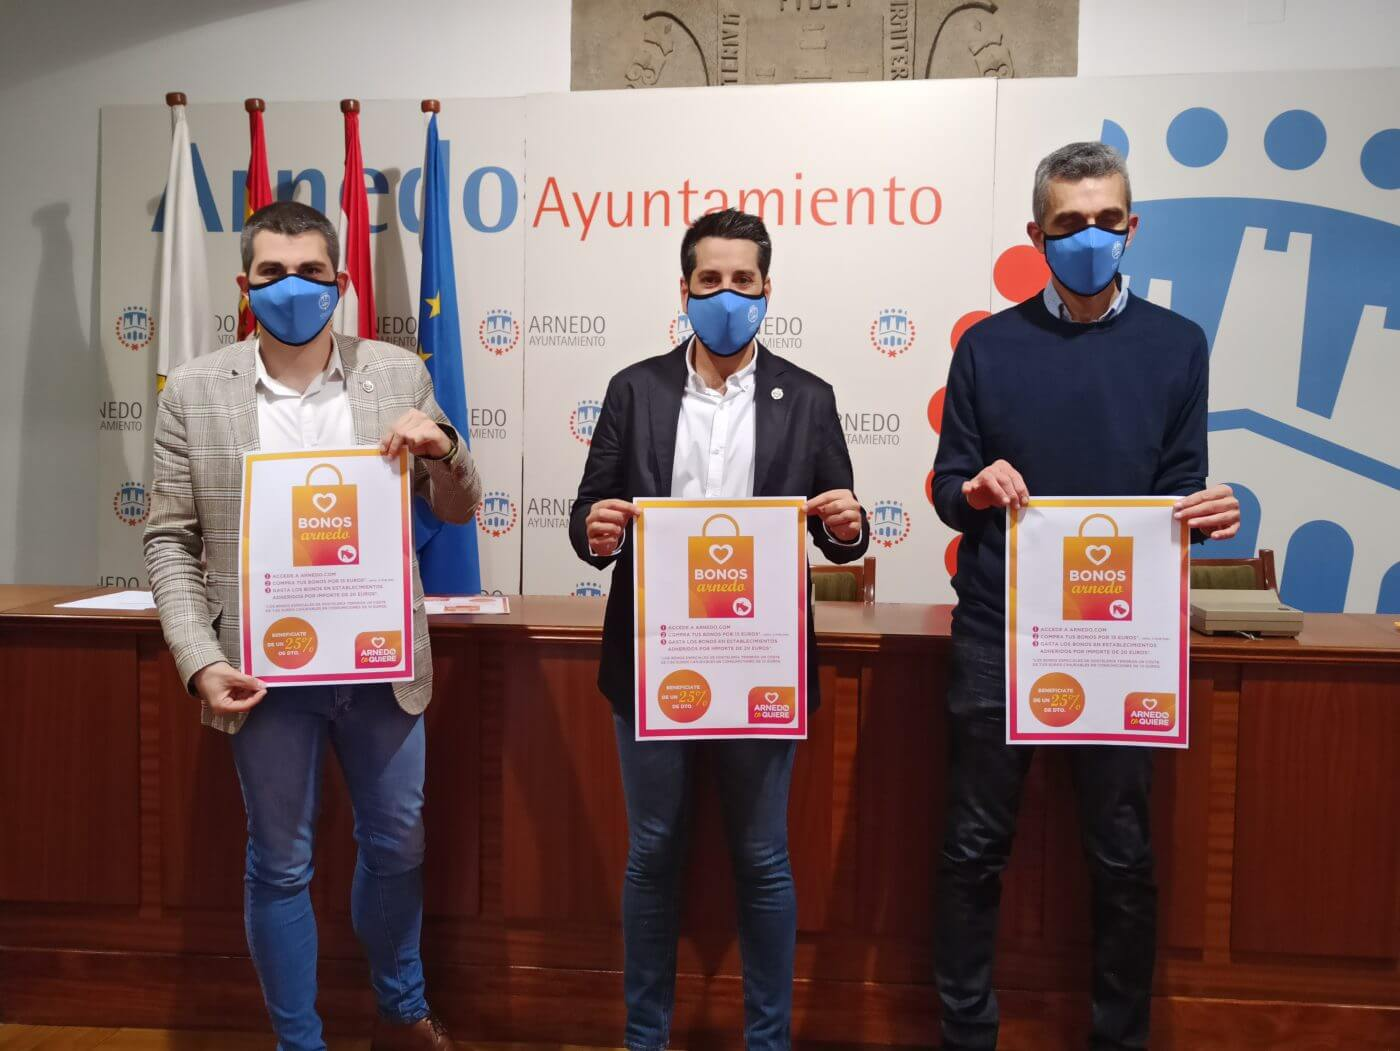 El Ayuntamiento de Arnedo destina 40.000 euros a financiar 9.000 bonos que saldrán a la venta el 15 de junio para incentivar el consumo en la ciudad